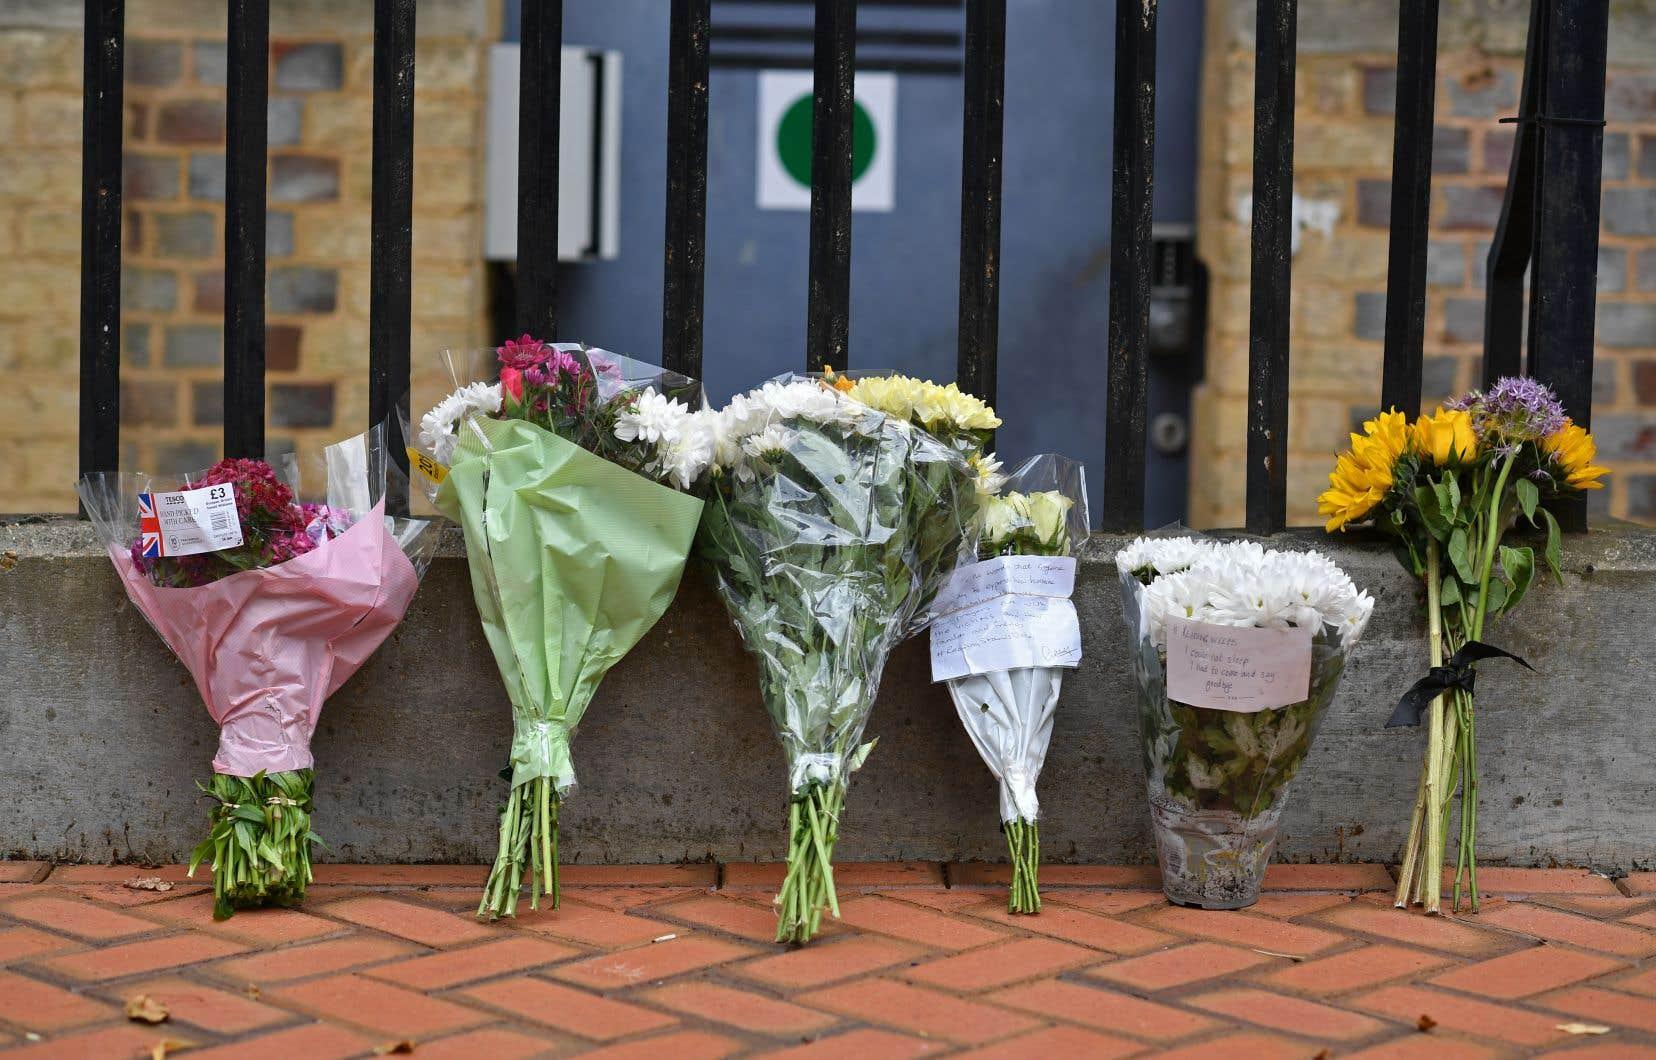 Près du parc où s'est déroulé le drame, des fleurs ont été déposées pour rendre hommage aux victimes.